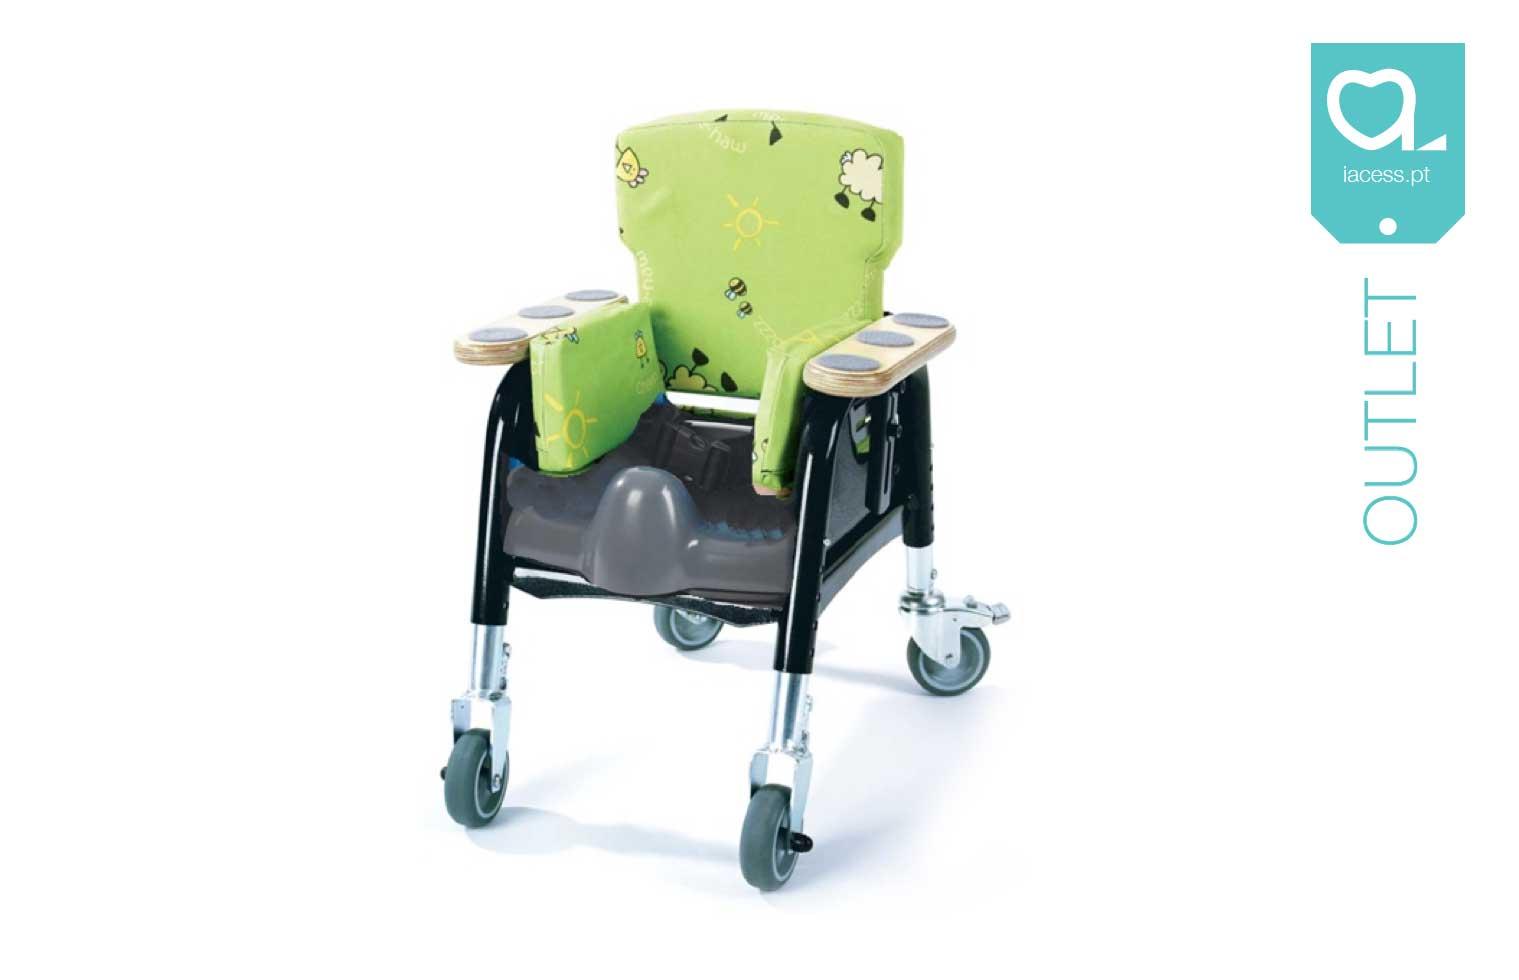 Cadeira pediátrica verde com padrão